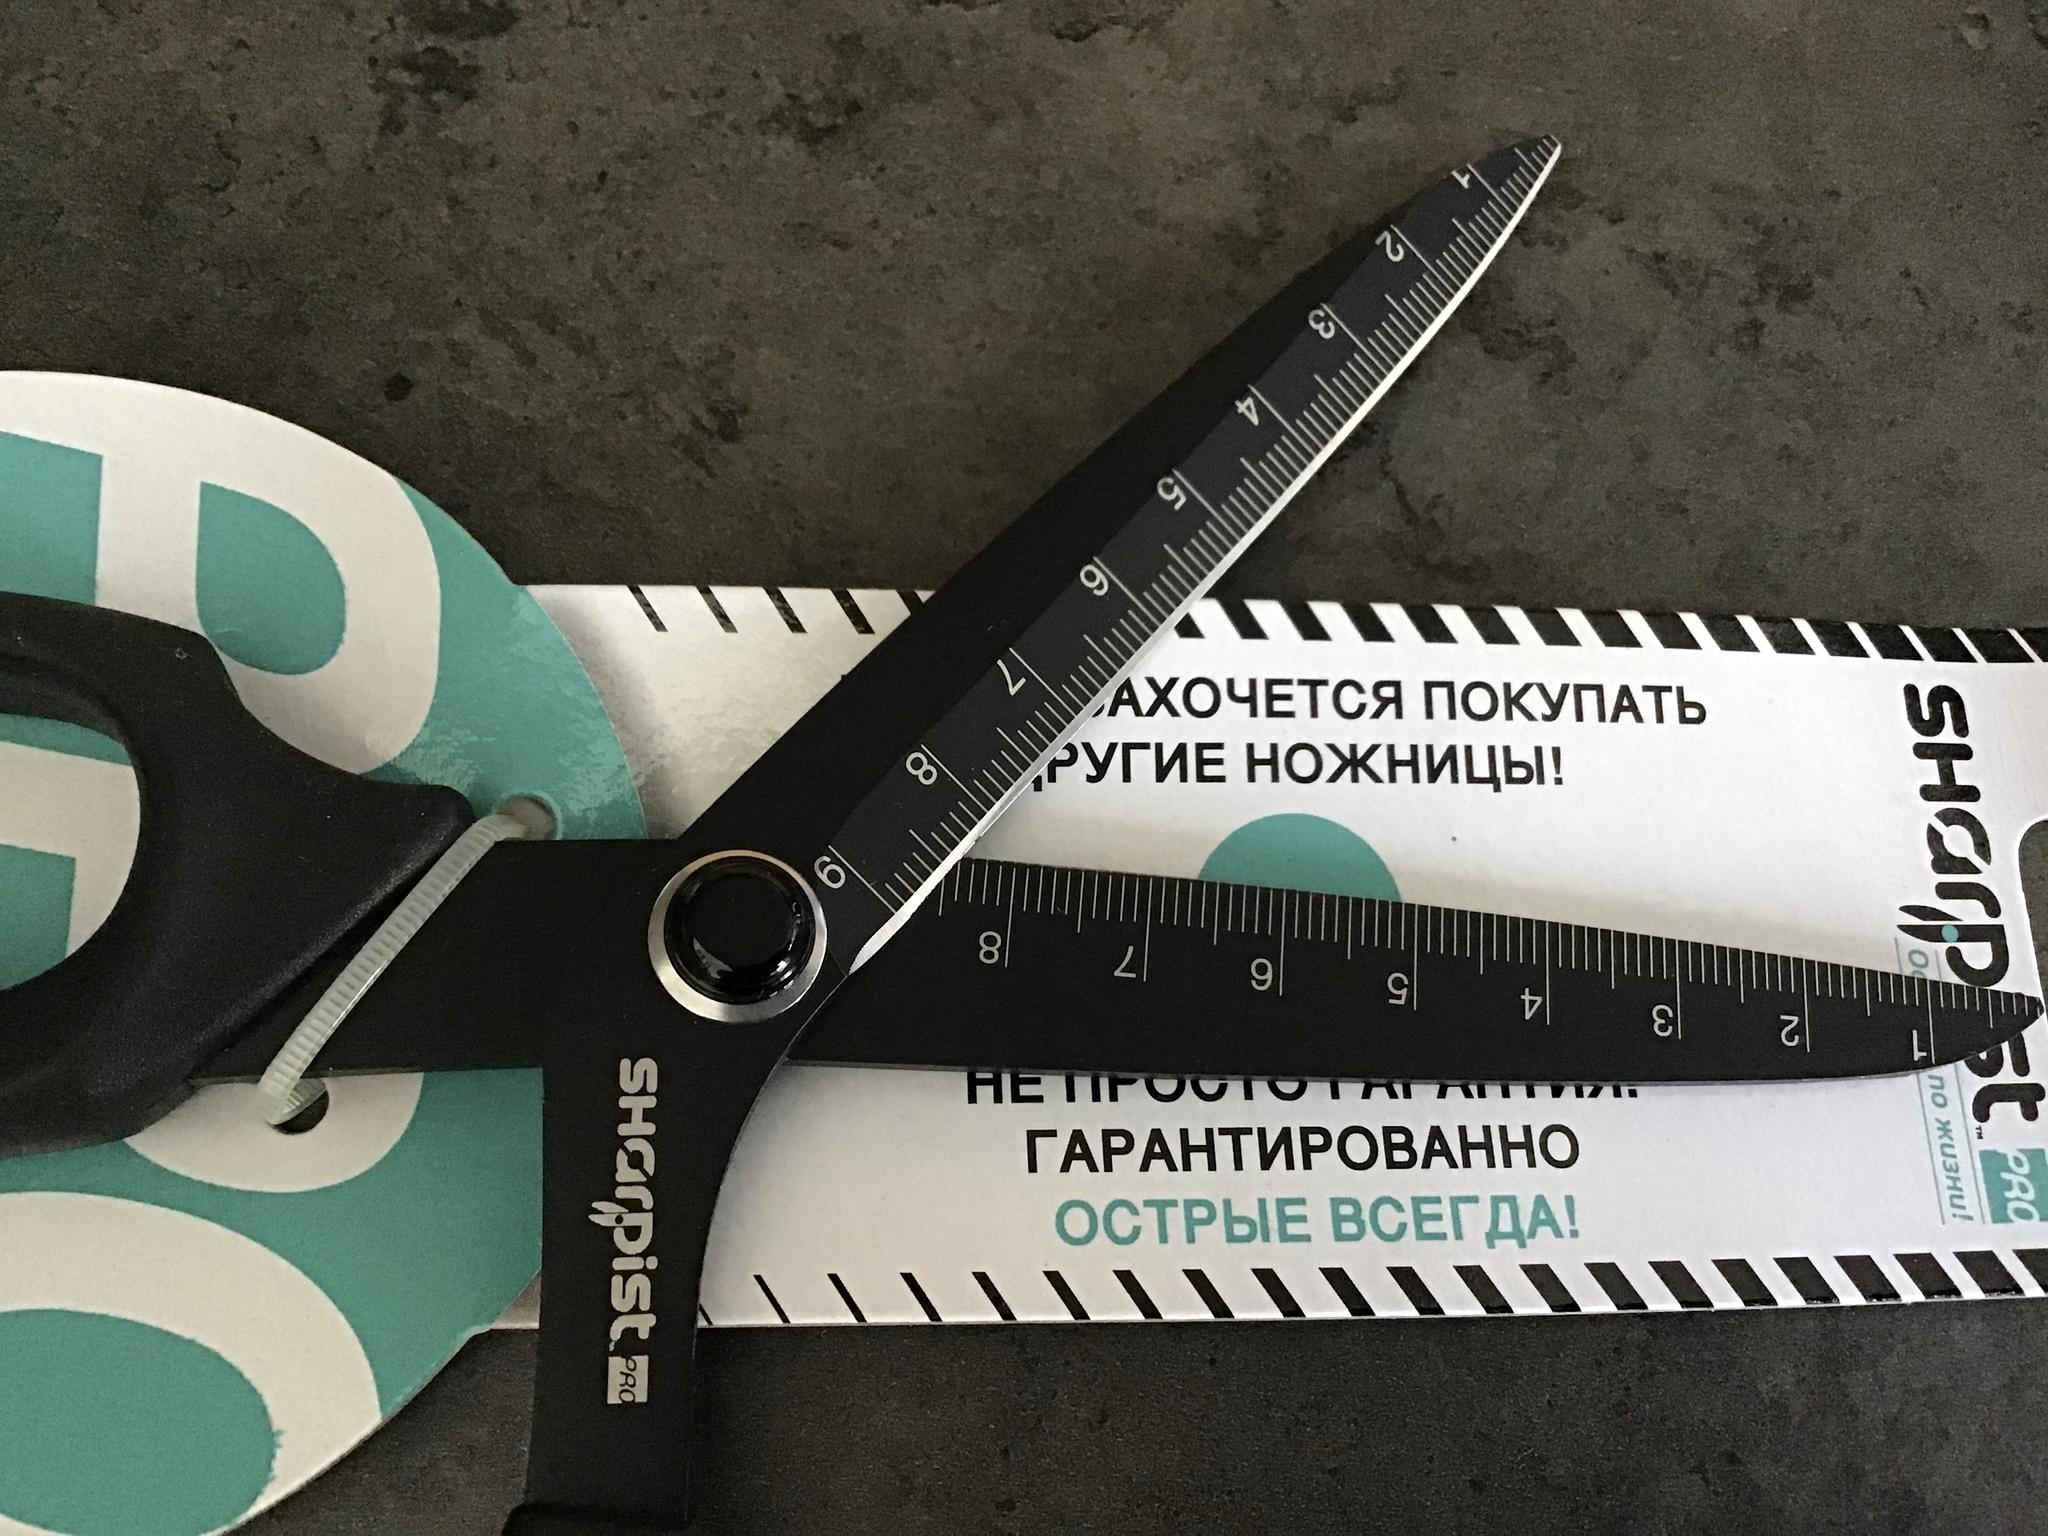 Ножницы профессиональные раскройные с эргономичной ручкой и линейкой, 23 см Sharpist_купить в магазине yarnsnob.ru